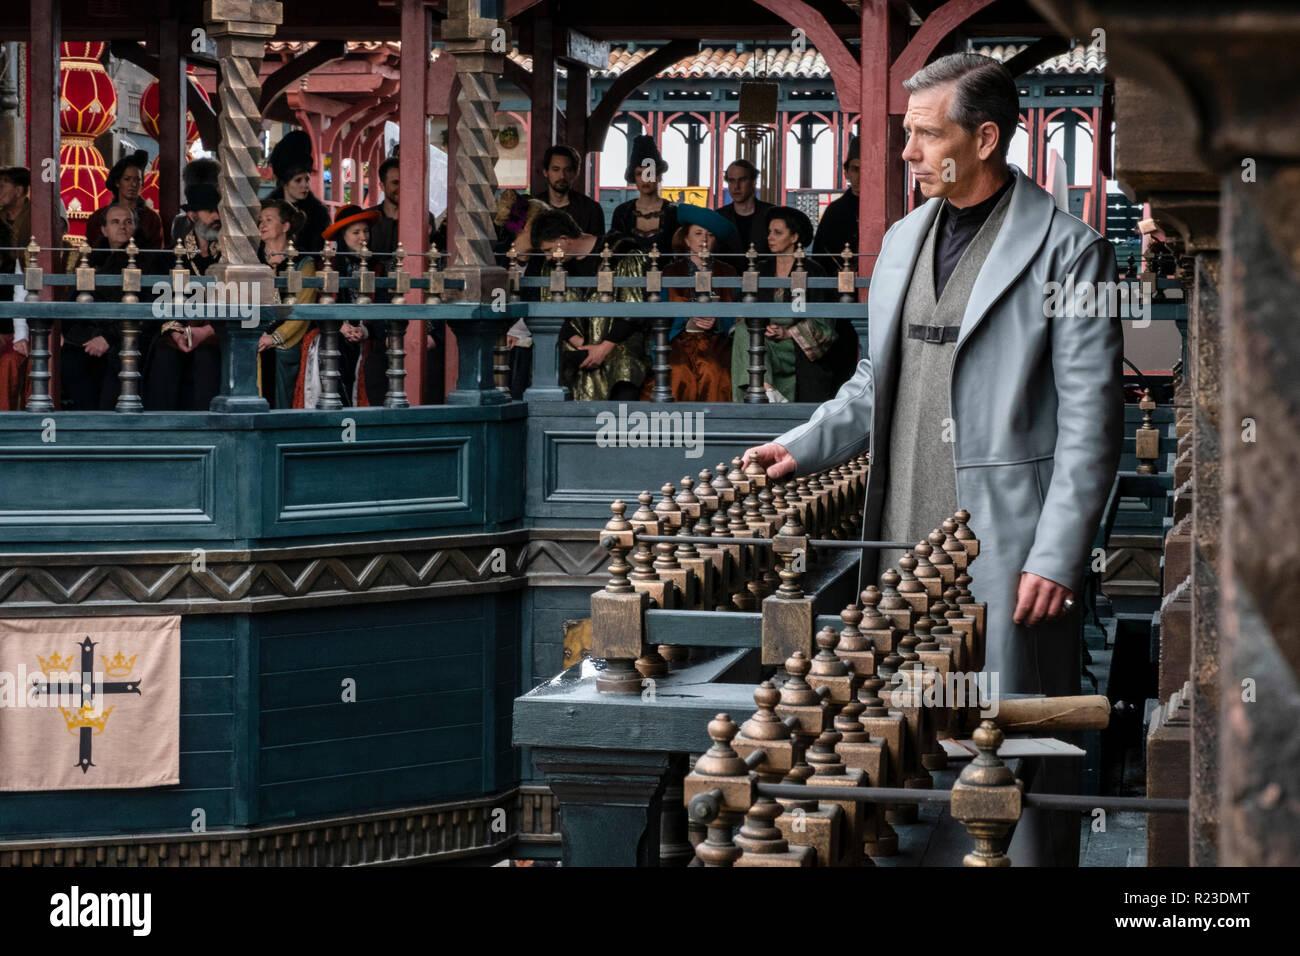 Prod DB © Larry Horricks - Appian Way - Lionsgate - Safehouse Pictures - Thunder Road Pictures / DR ROBIN DES BOIS ROBIN HOOD de Otto Bathurst 2018 USA Ben Mendelson. aventure; adventure; moyen age; middle age; XIIIeme siecle; 13th century; 1200's; Sheriff of Nottingham; Sheriff de Nottingham - Stock Image